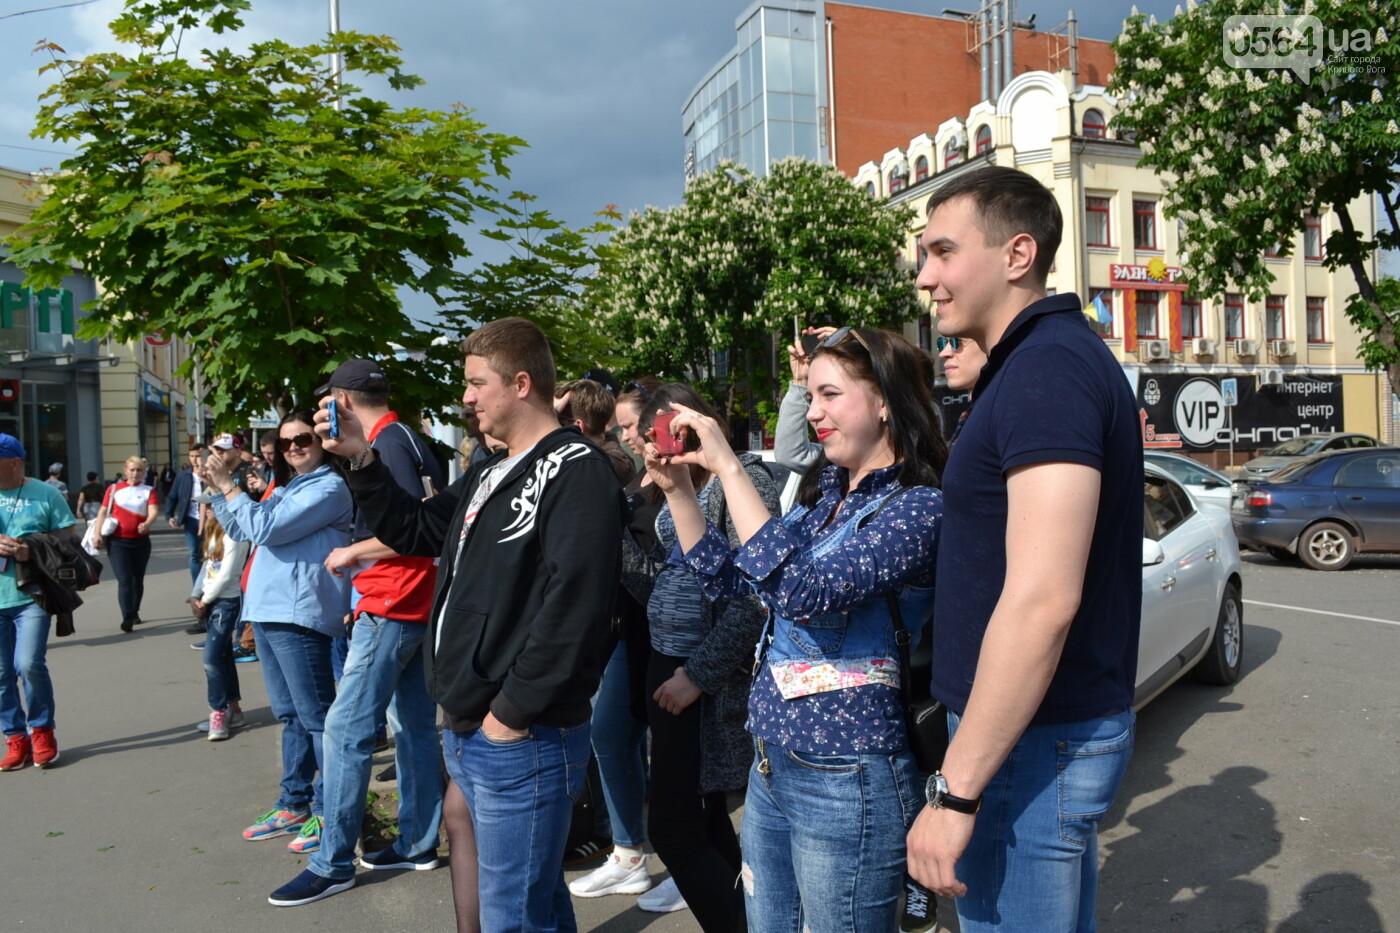 Играют все: на проспекте Почтовом в Кривом Роге проходит фестиваль уличной музыки, - ФОТО, ВИДЕО, фото-9